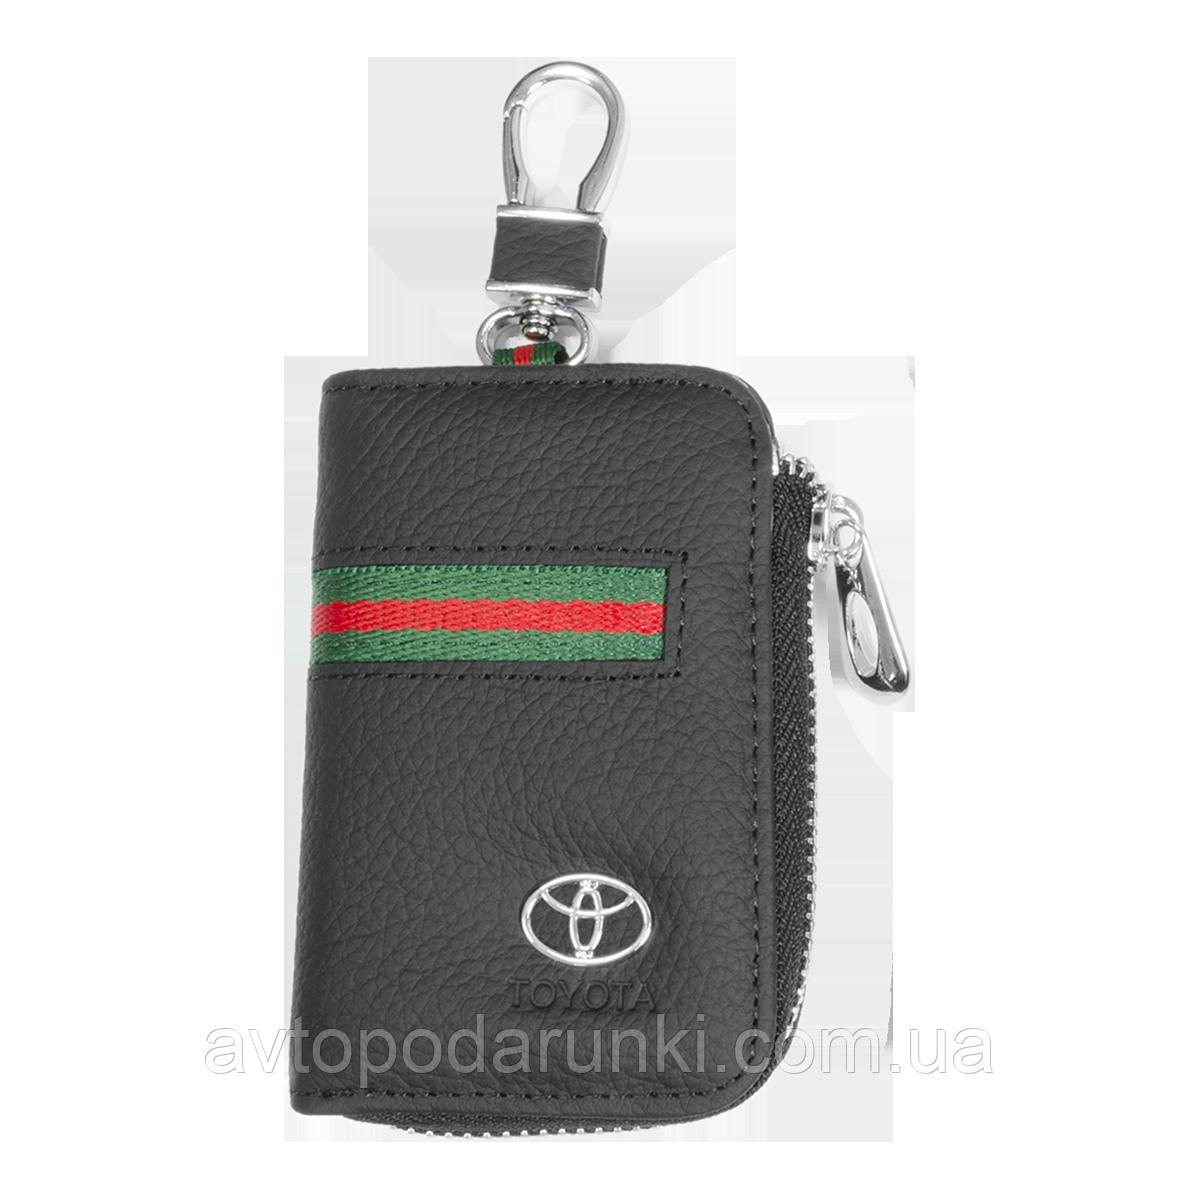 Ключница TOYOTA, кожаная автоключница с логотипом  ТОЙОТА (многофункциональная черная 07012)